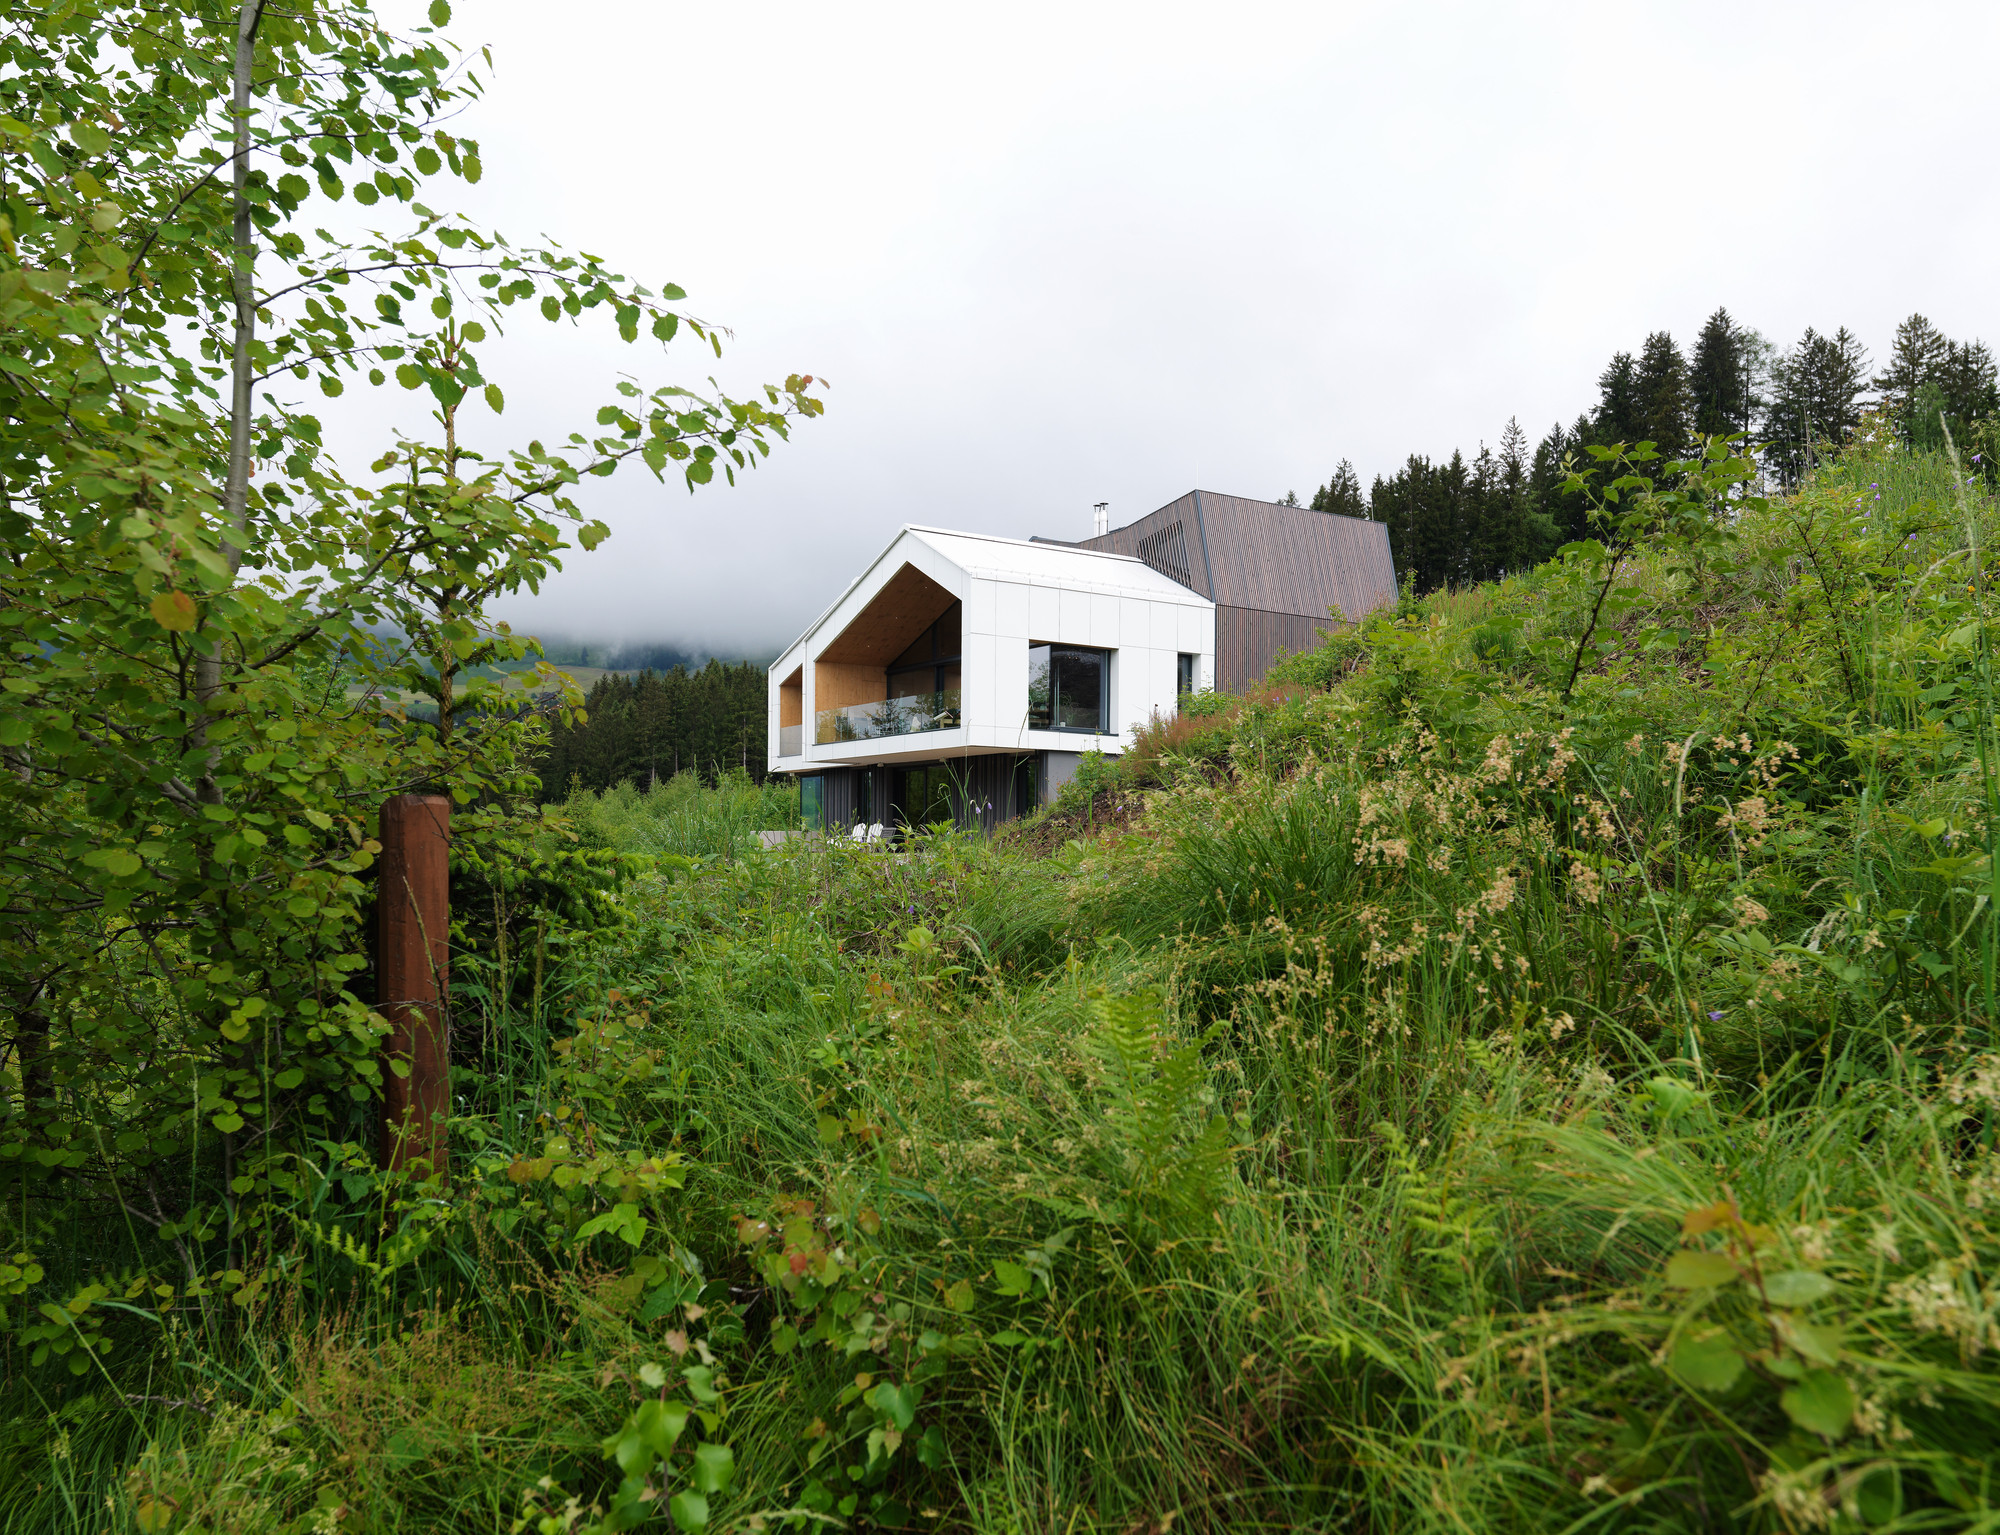 Mountain-view House Sono Arhitekti Archdaily